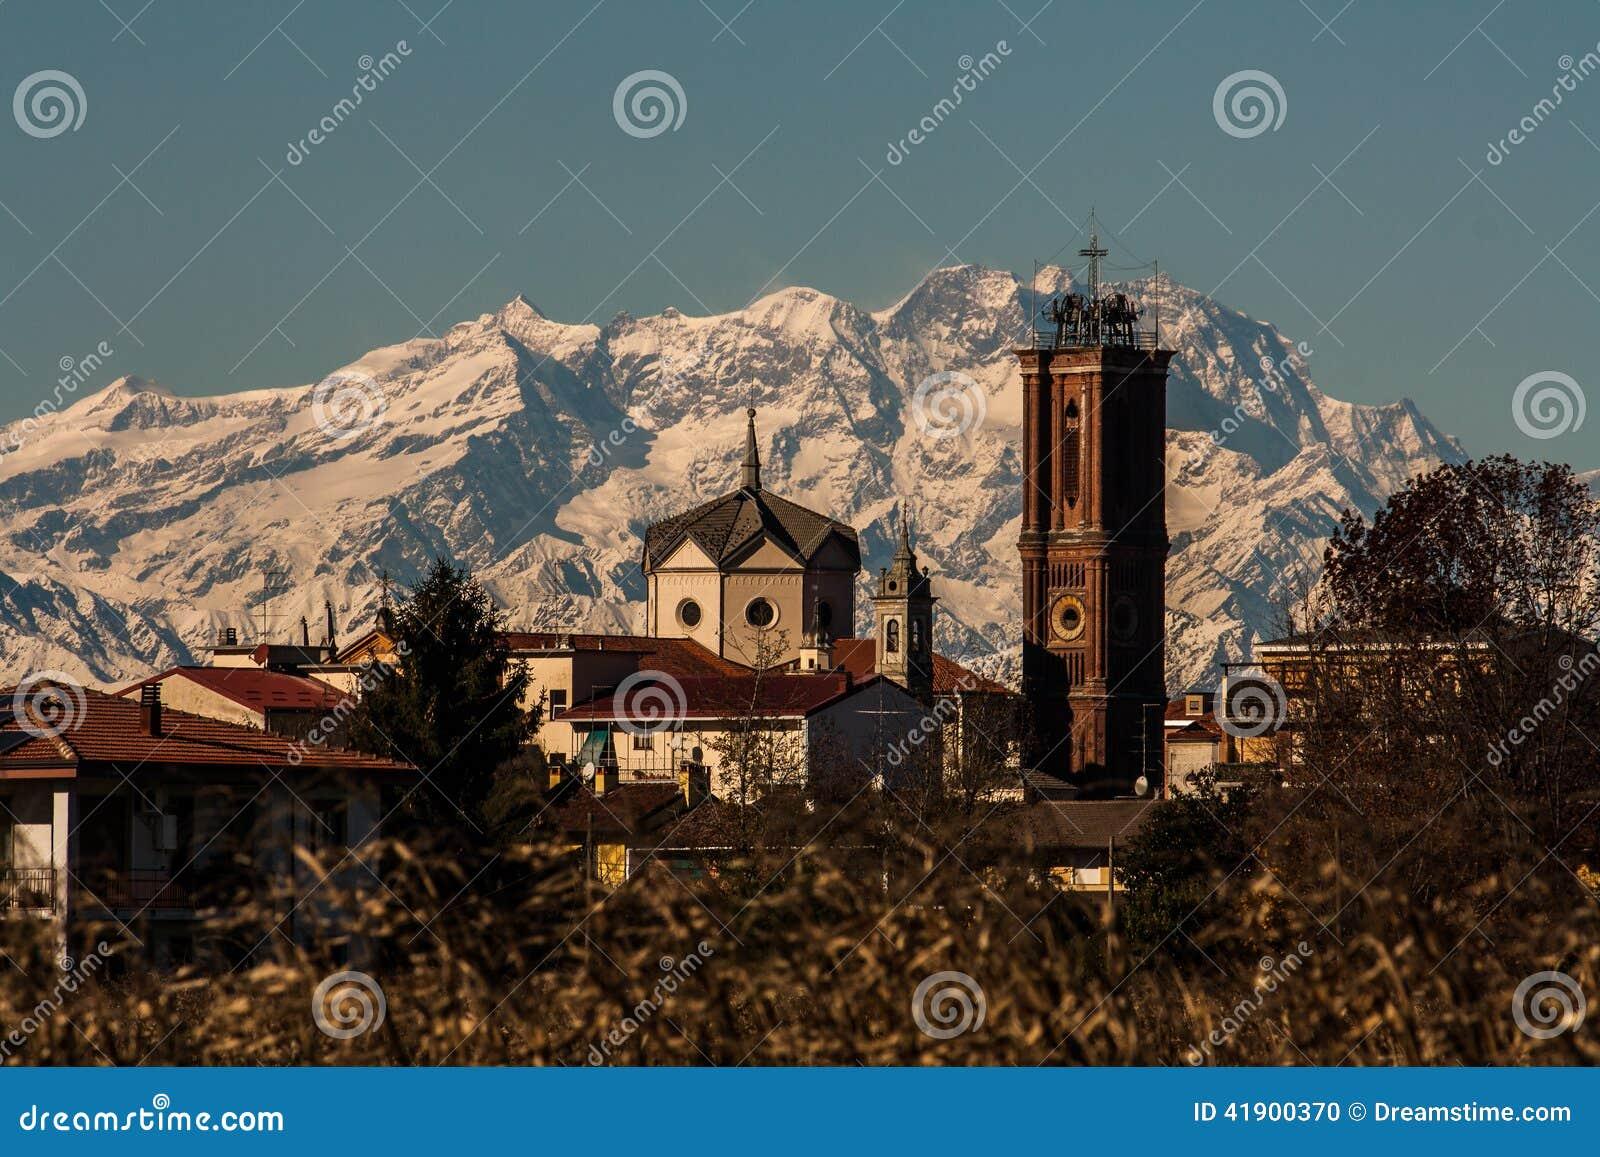 La iglesia y Monte Rosa